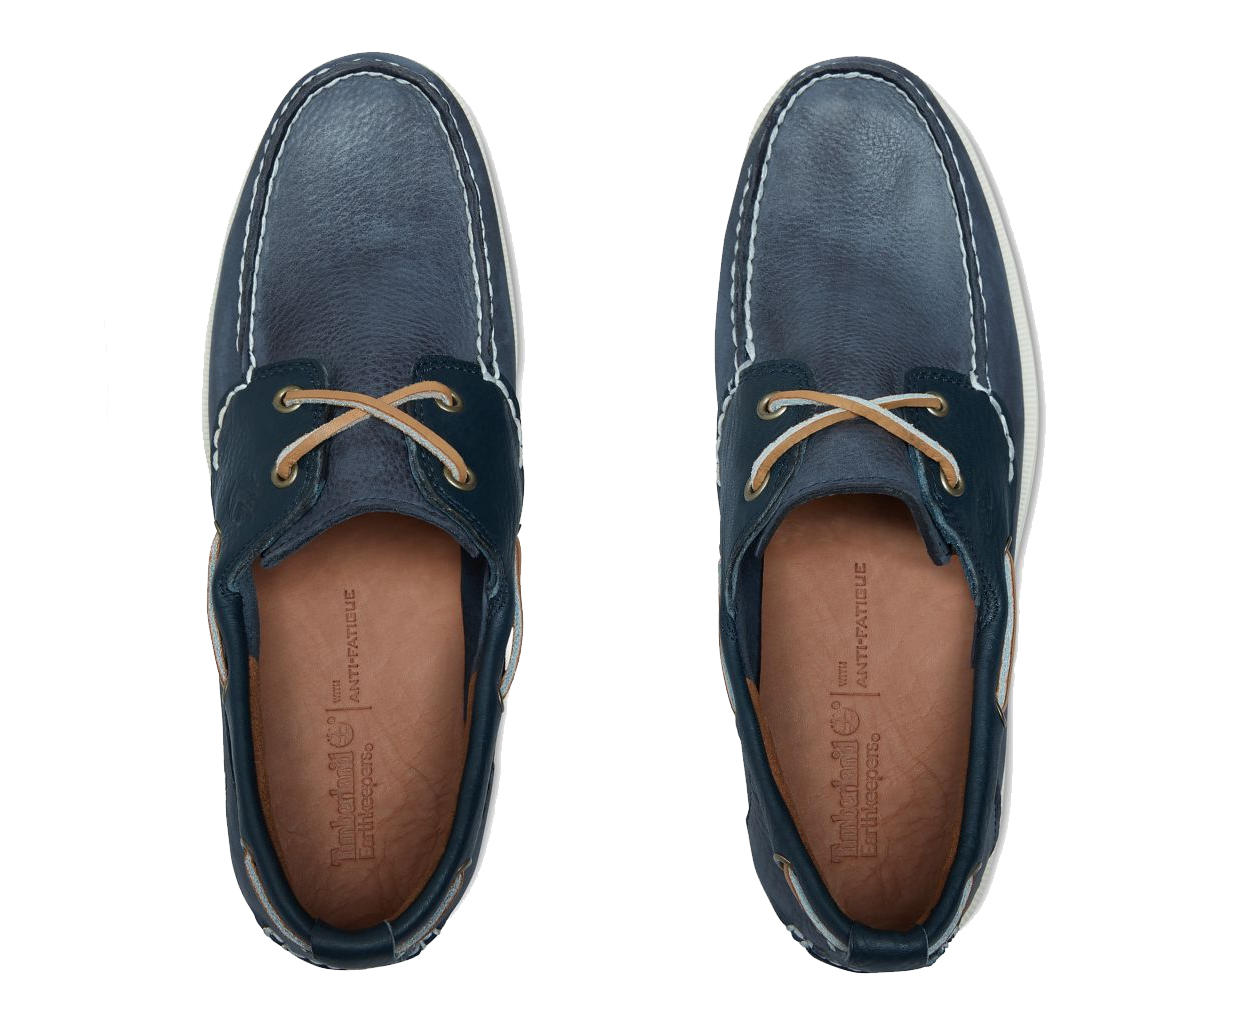 Cuir Chaussures Heritageen De Earthkeepers® Qdxewecbro Timberland Bateau LSzVGqpUM